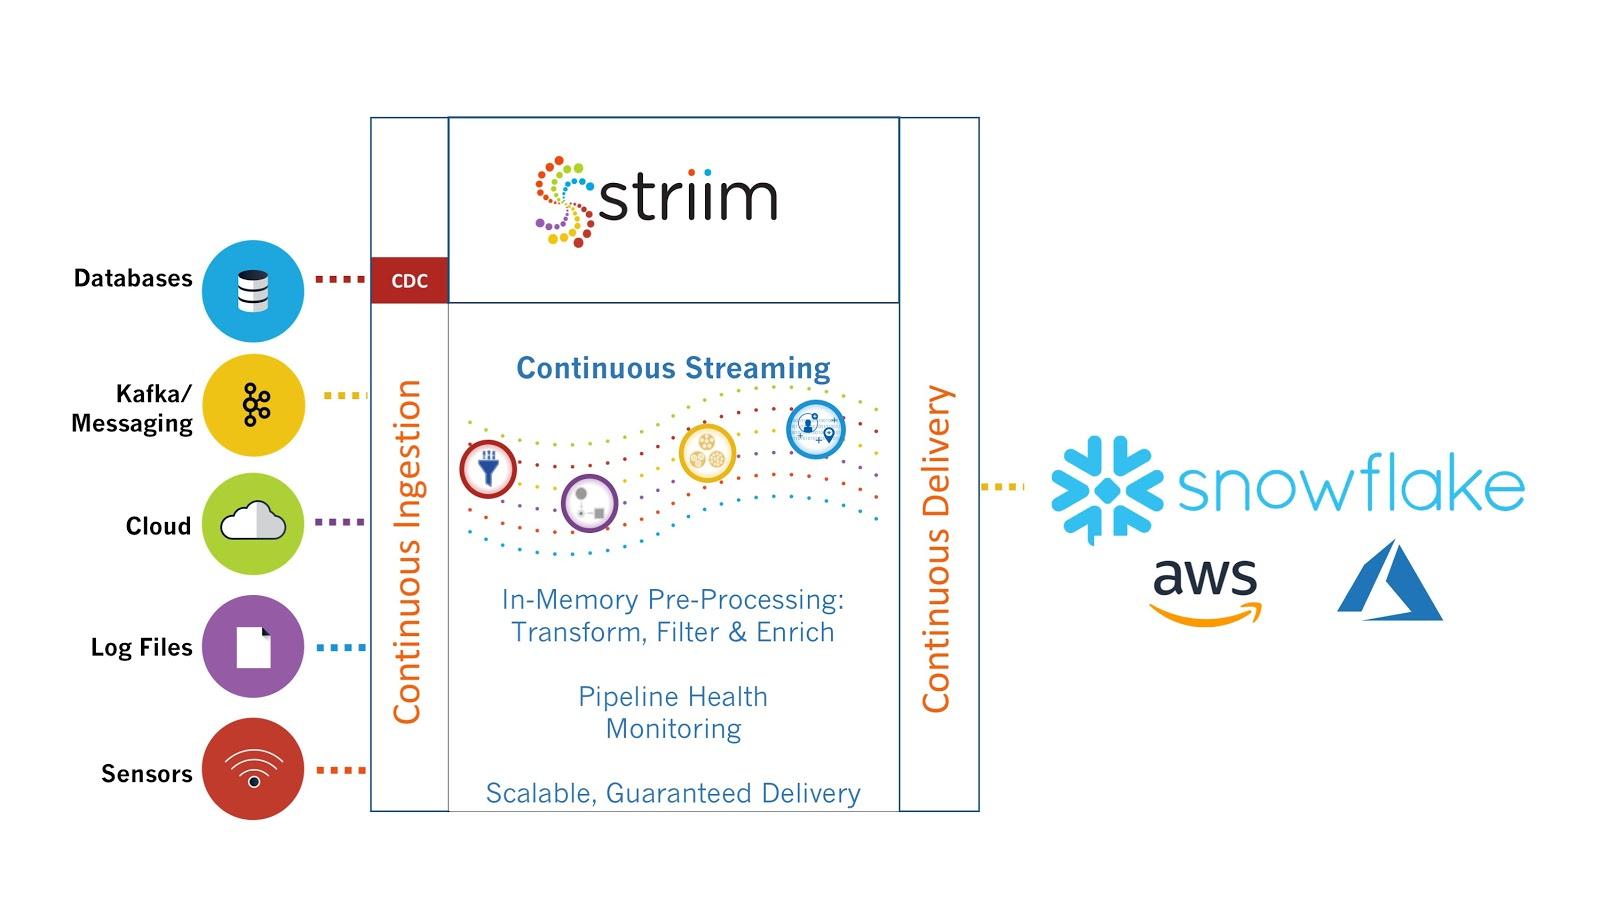 Striim - ETL for Snowflake